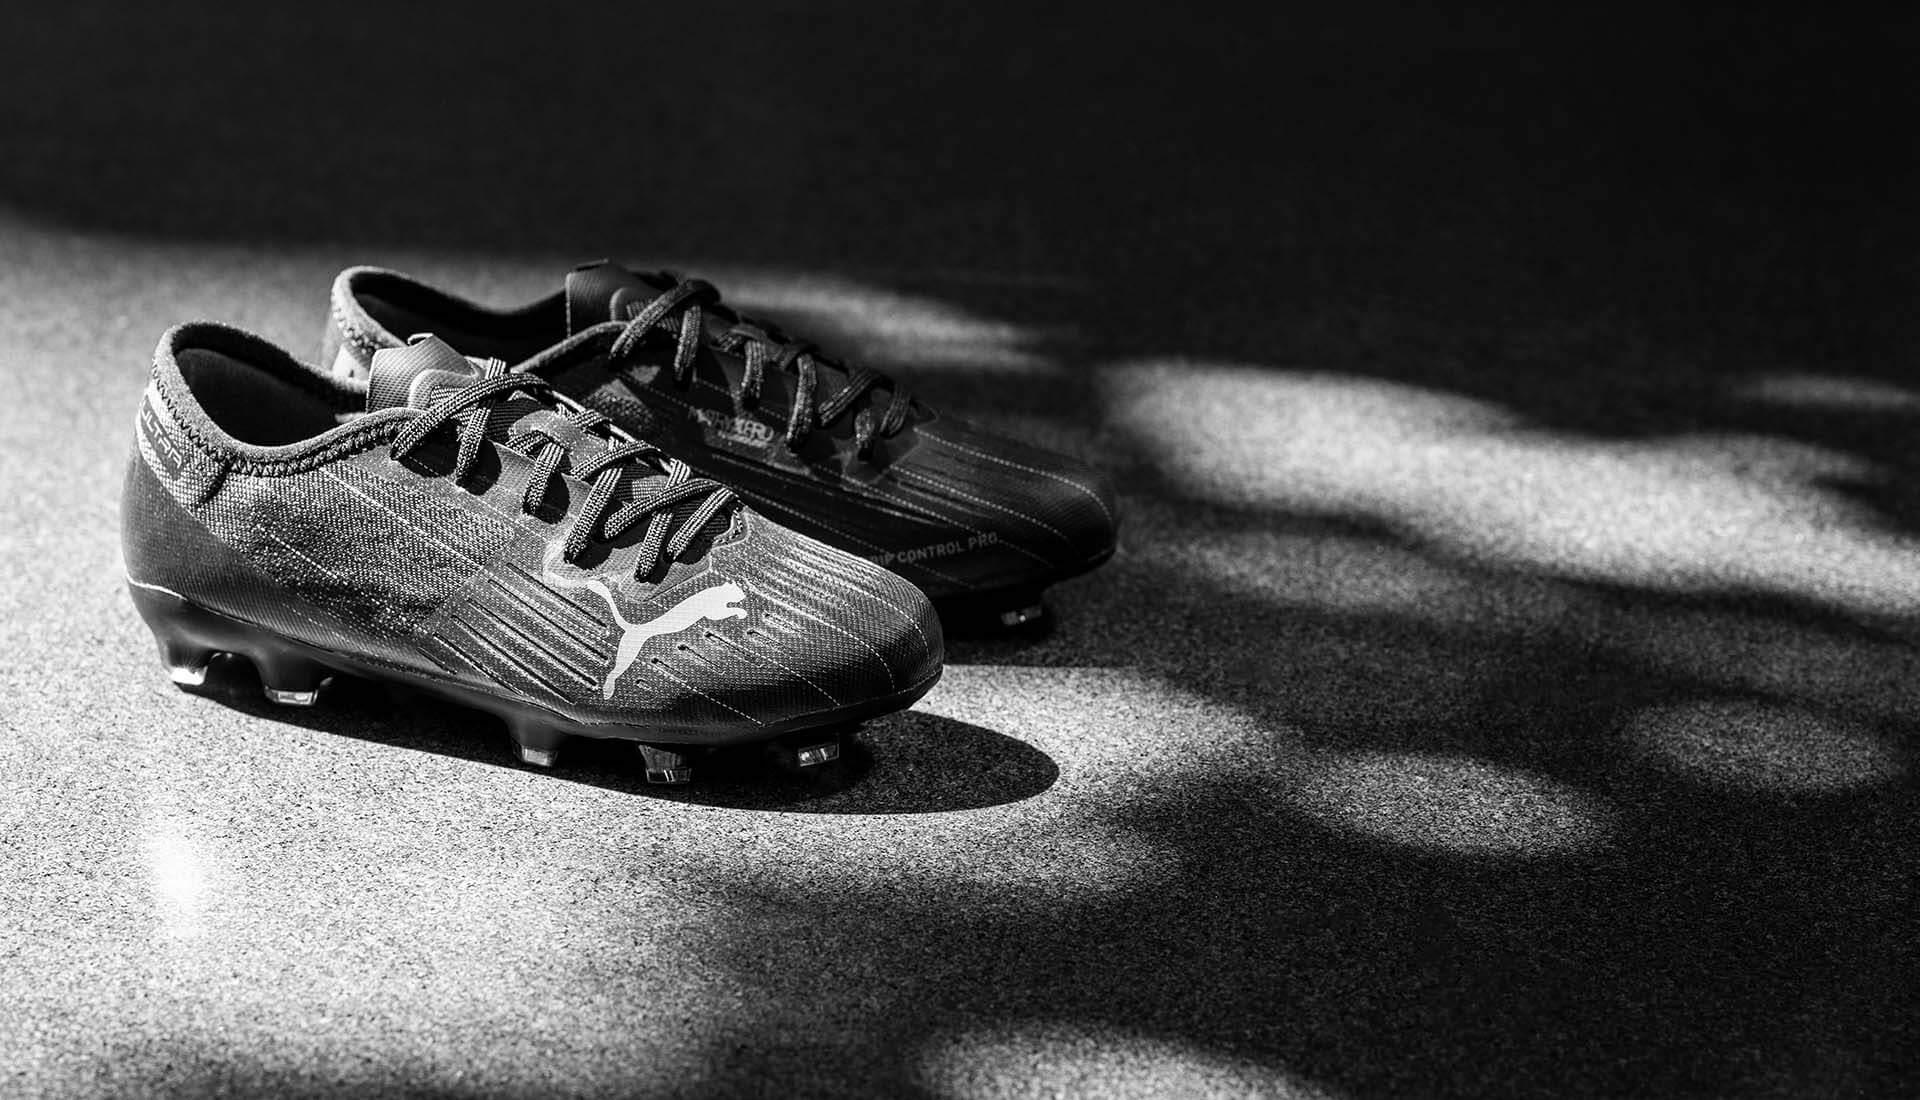 Puma là một trong các thương hiệu giày nổi tiếng có lịch sử lâu đời nhất